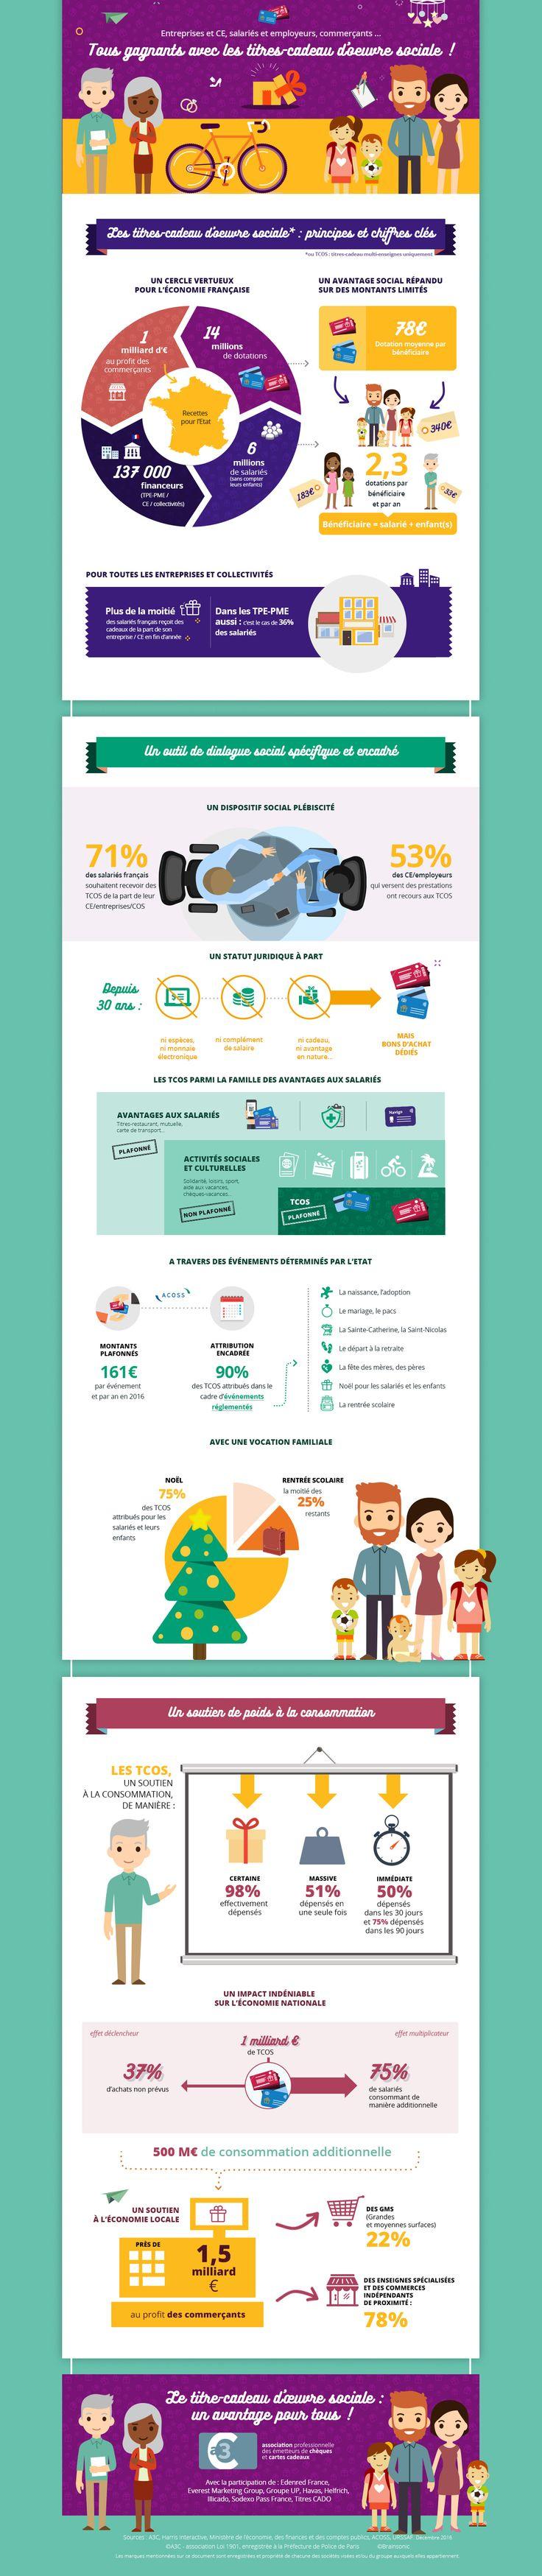 TCOS - chèques et cartes cadeau : les principaux chiffres clés en infographie